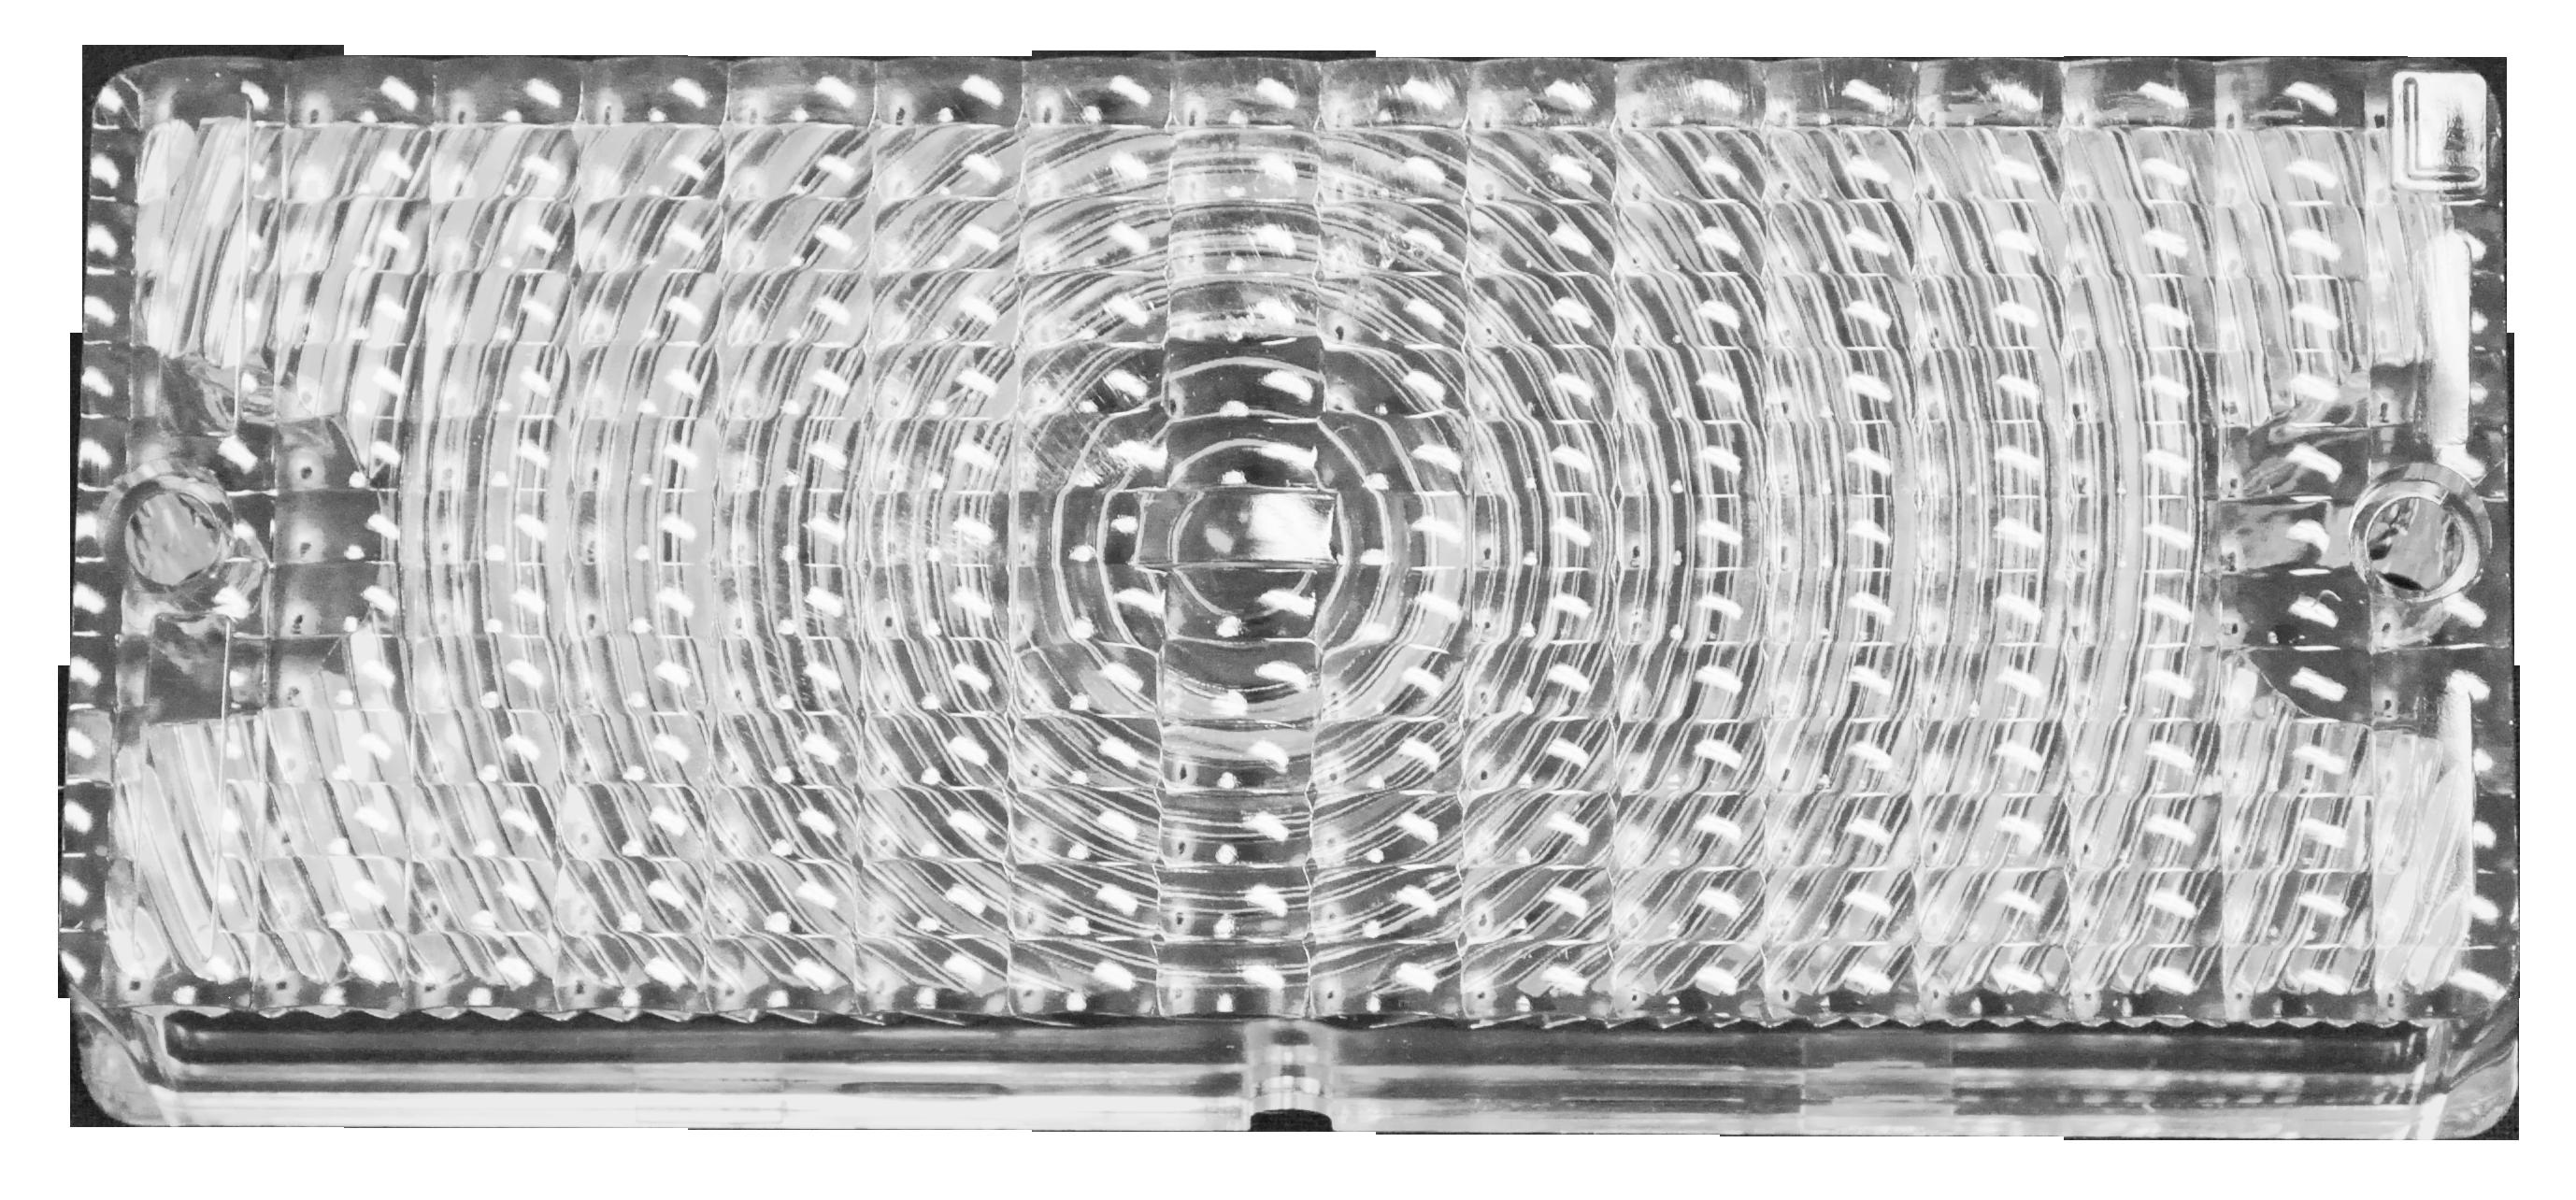 1969-70 C10 park lamp lens clear lt